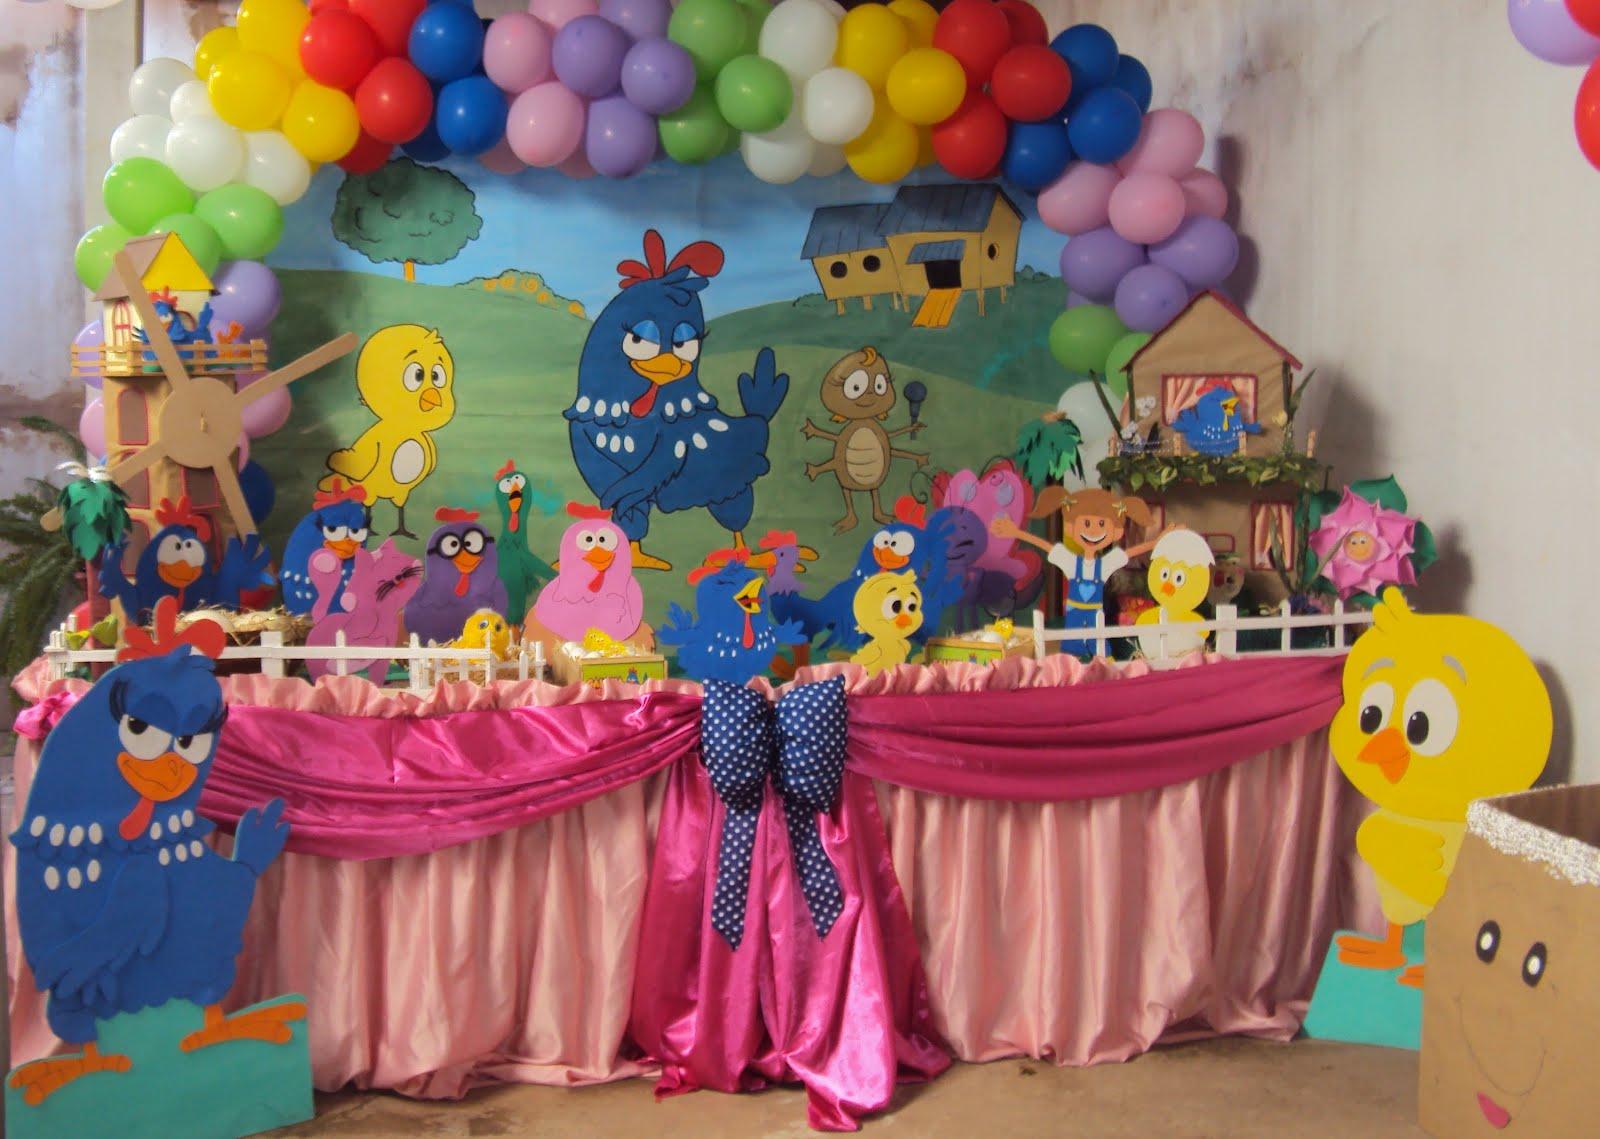 decoracao festa galinha pintadinha rosa: :Oreade 174 Moreninha III Tel:(67)3393-2873: Galinha Pintadinha Rosa